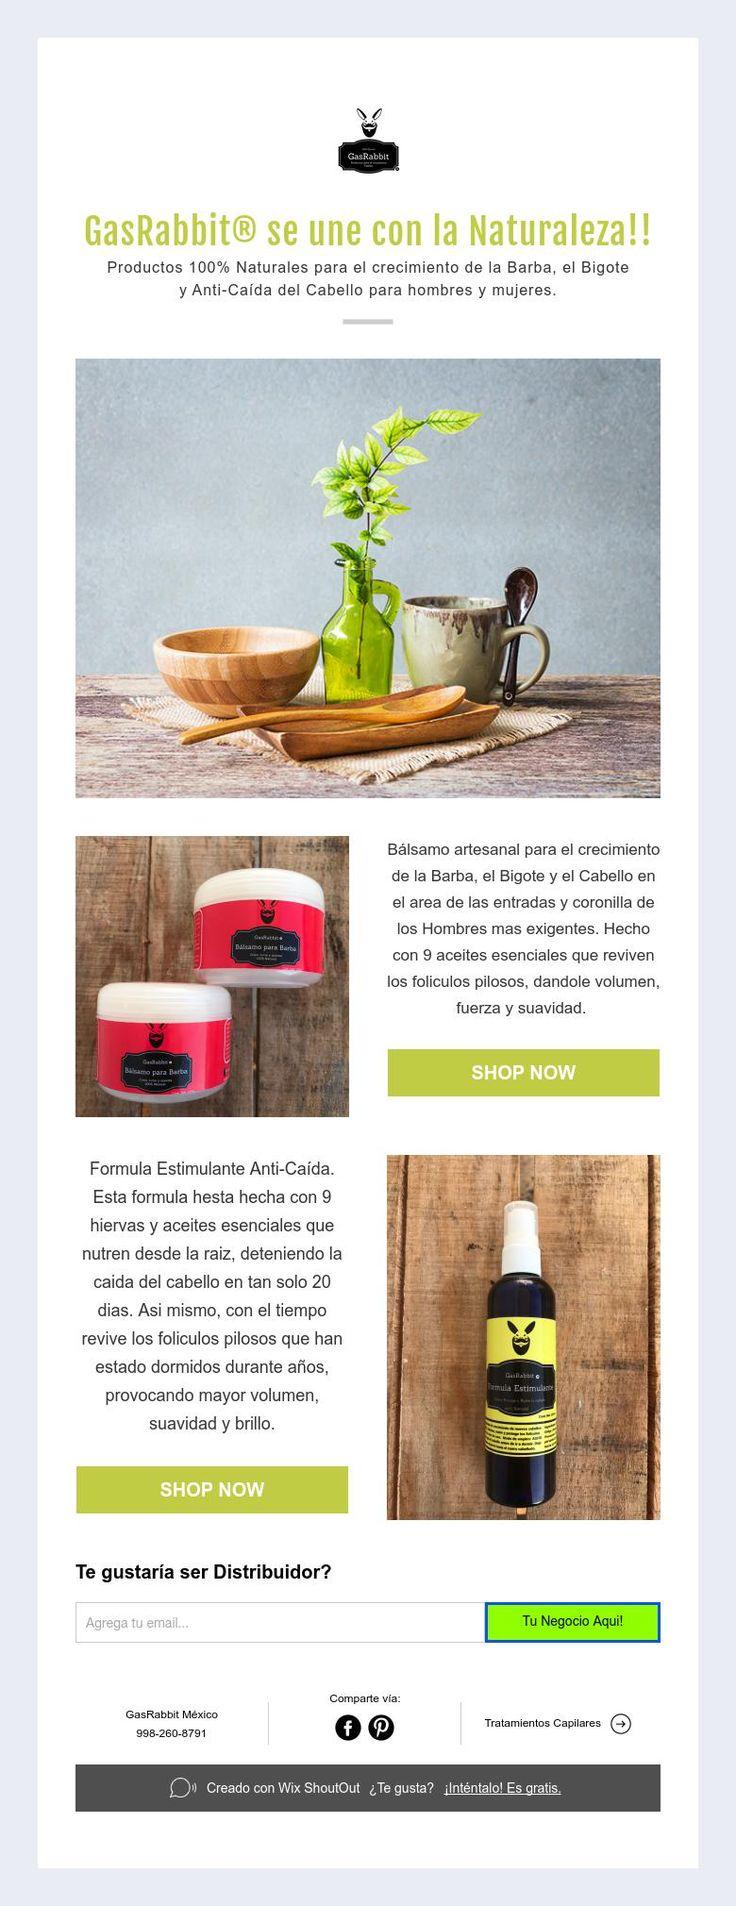 GasRabbit® se une con la Naturaleza!!  Productos 100% Naturales para el crecimiento de la Barba, el Bigote  y Anti-Caída del Cabello para hombres y mujeres.